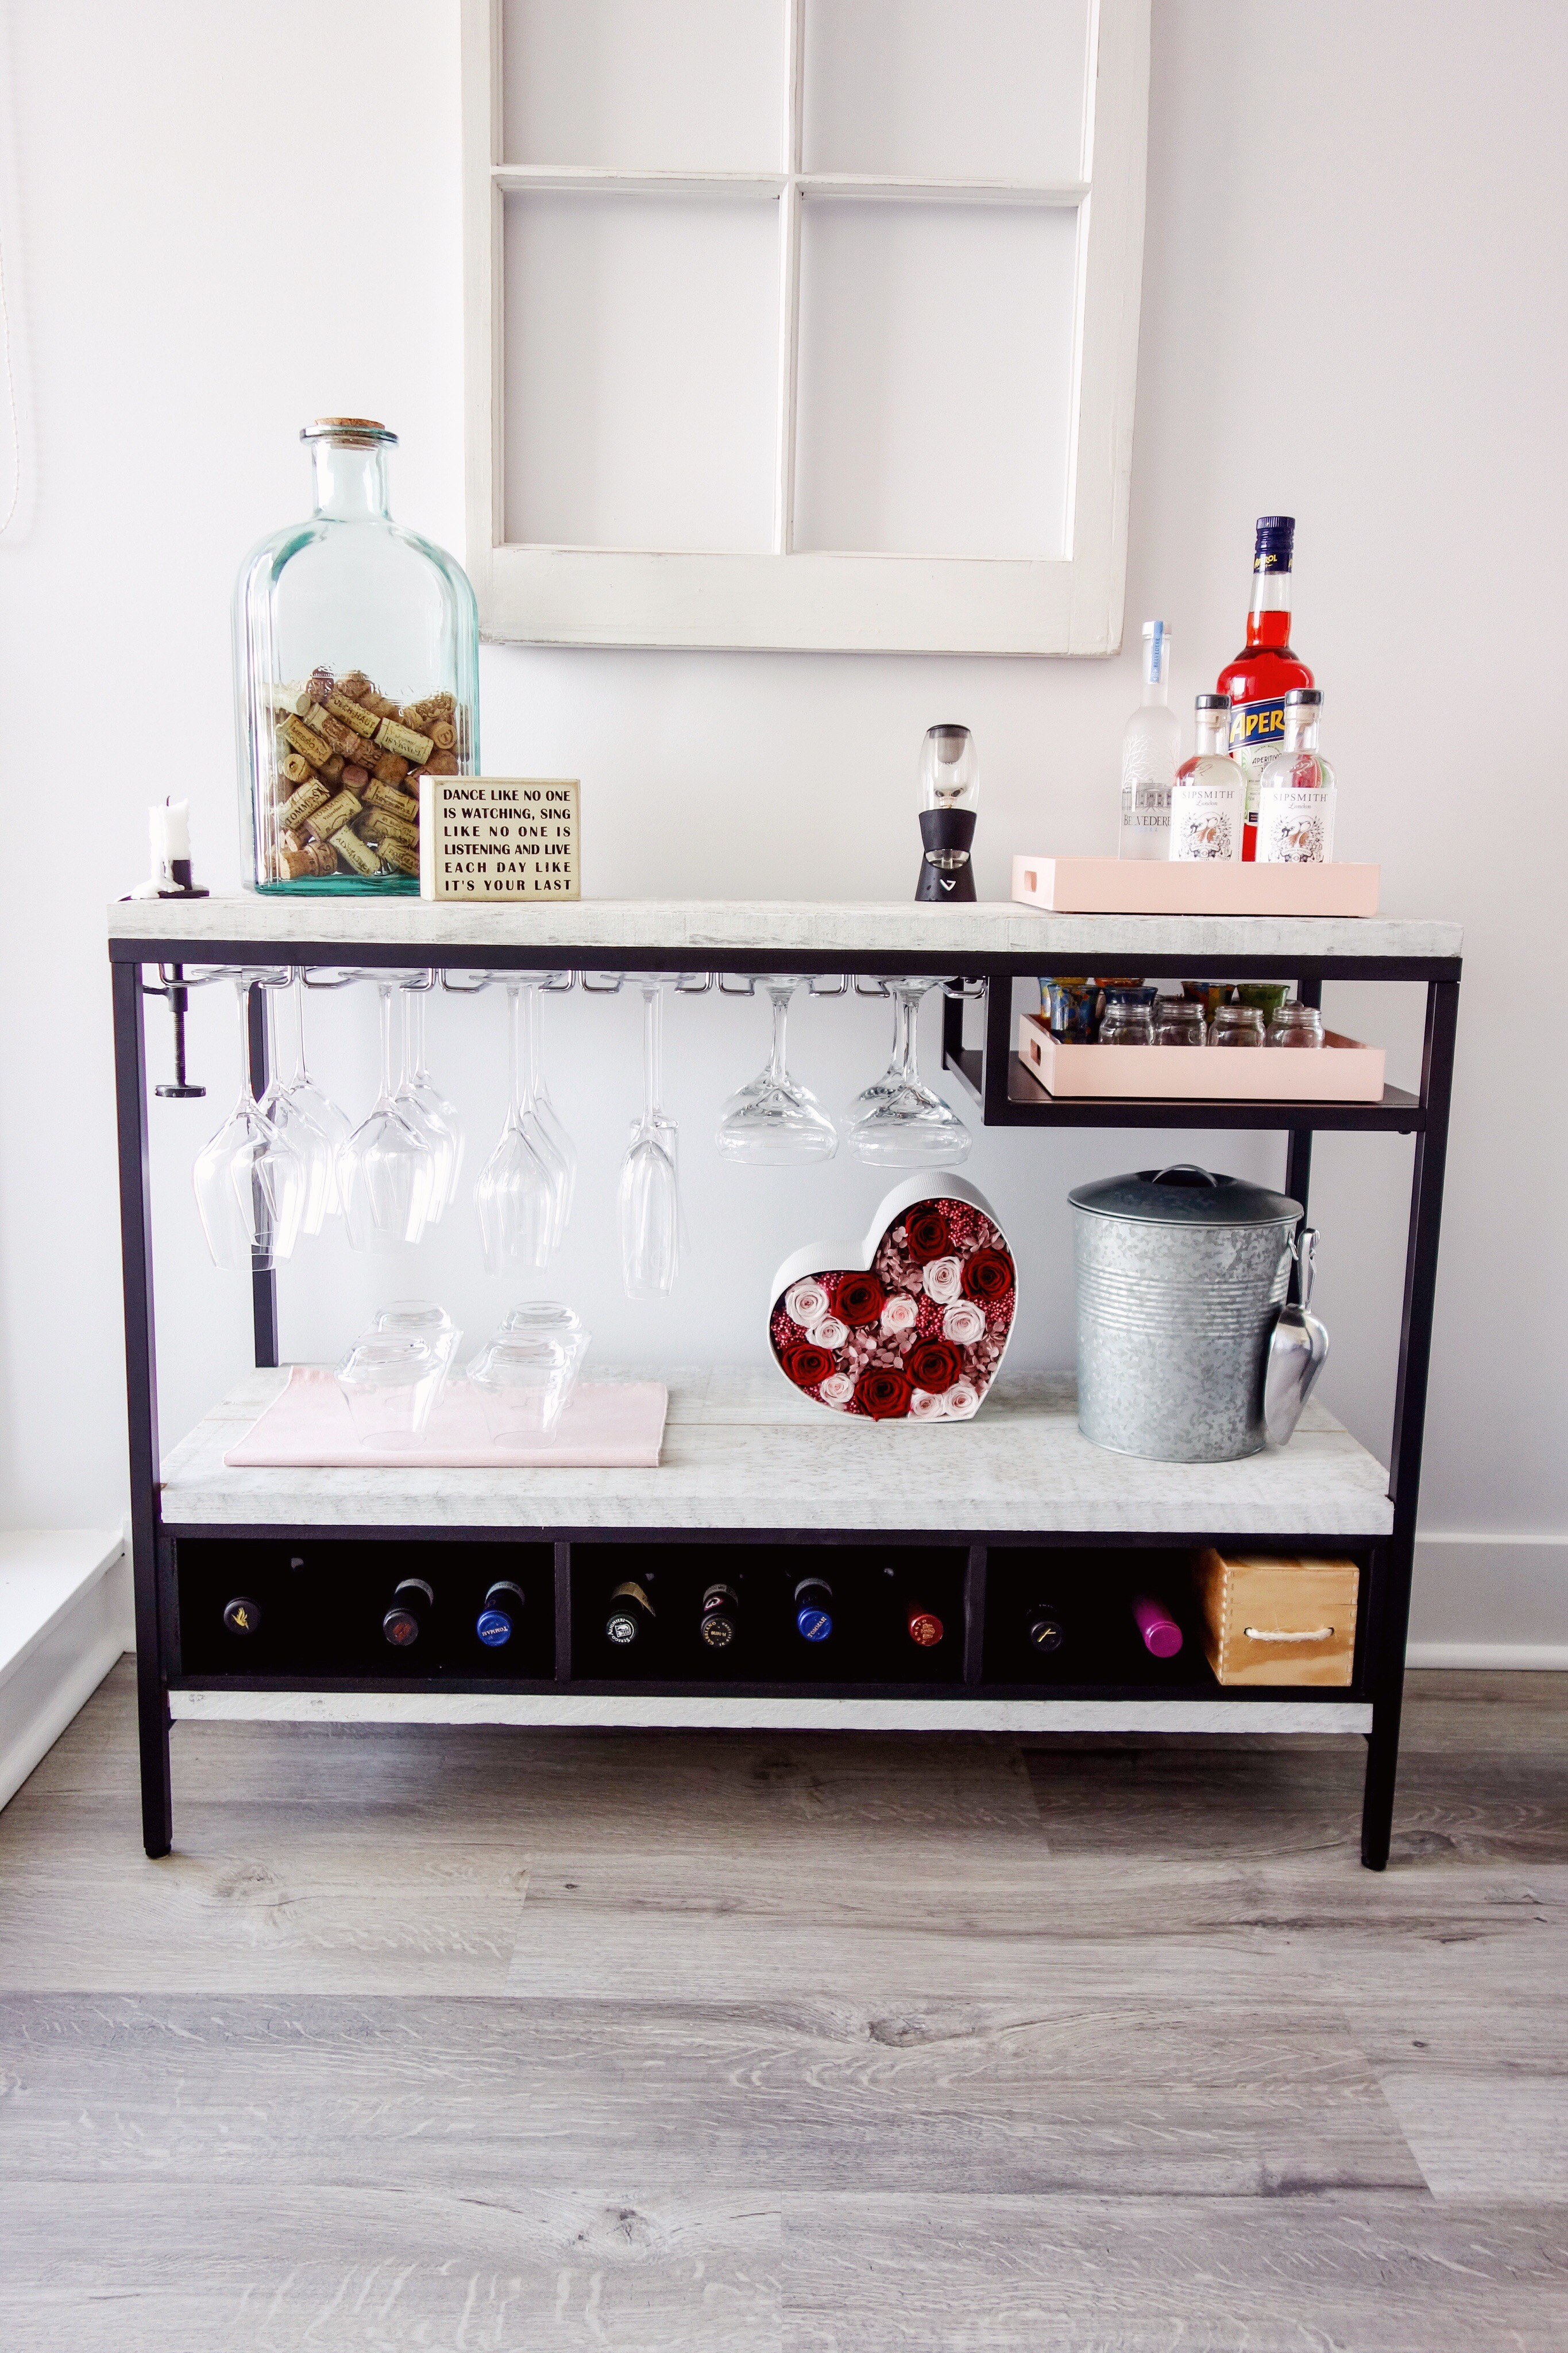 IKEA HACK - BAR - #IKEA #IKEAhack #IKEAbarhack #bar #bar/cart #cart #winecart #winebar